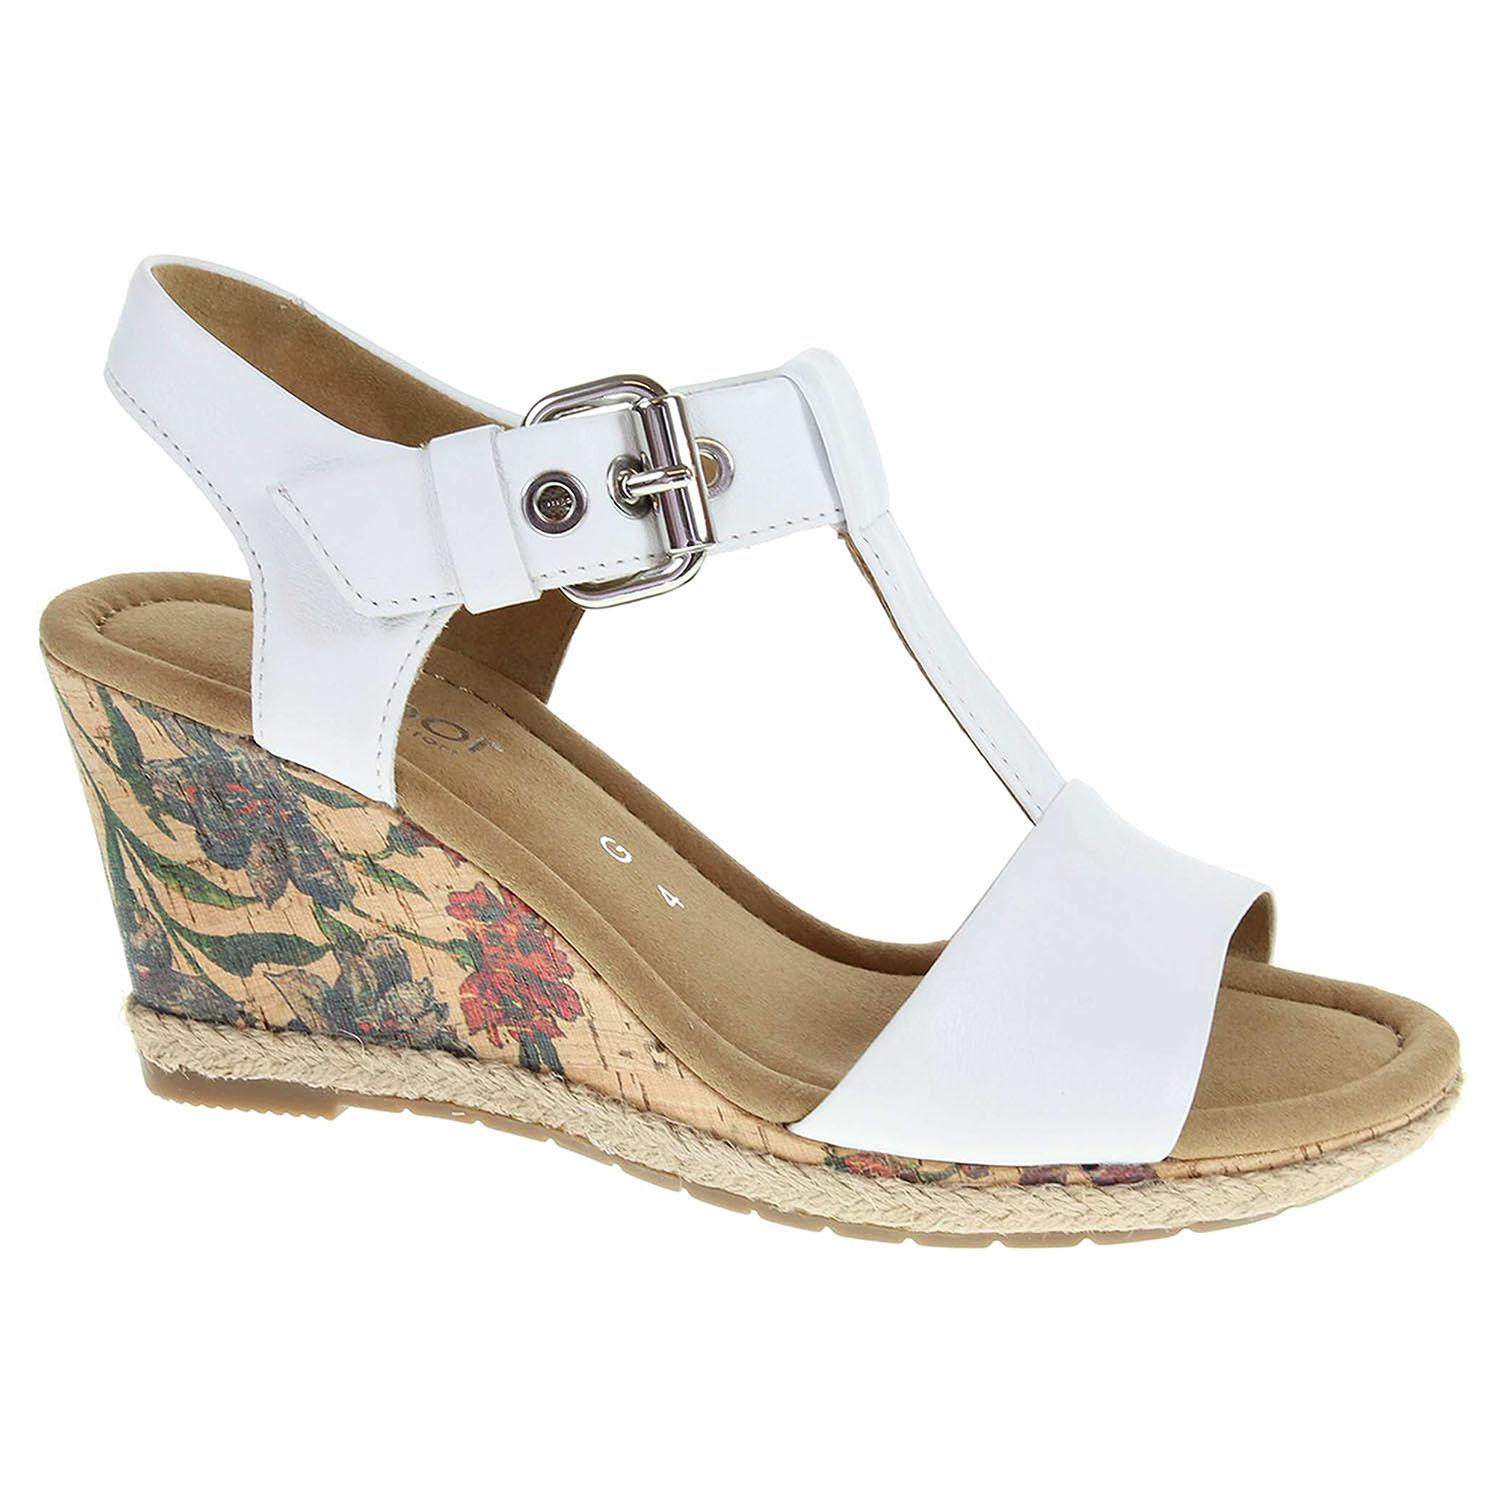 Dámské sandály Gabor 62.824.51 bílé 62.824.51 40